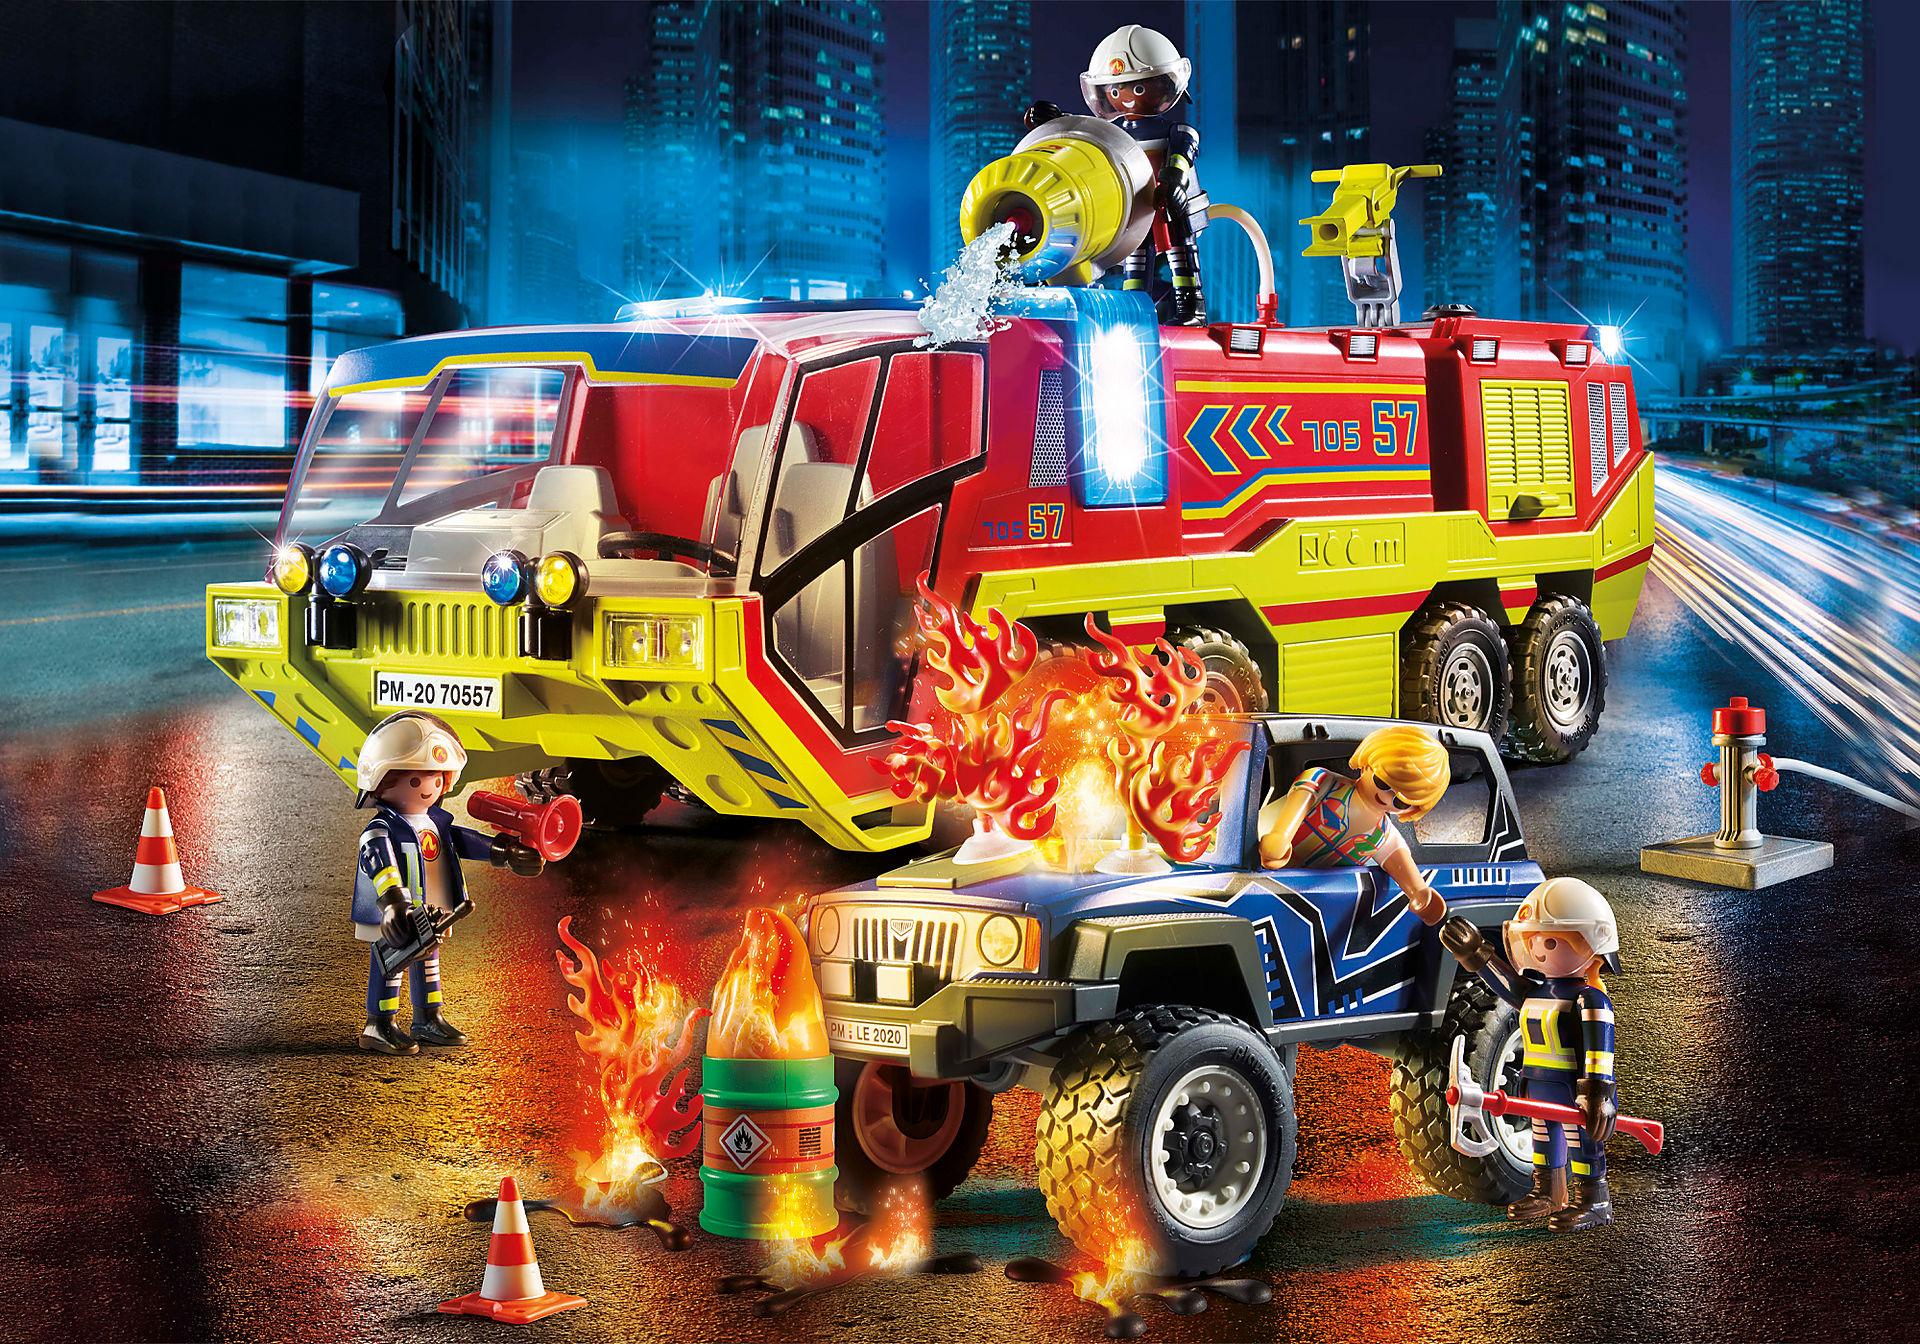 70557 Brandweer met brandweerwagen zoom image1